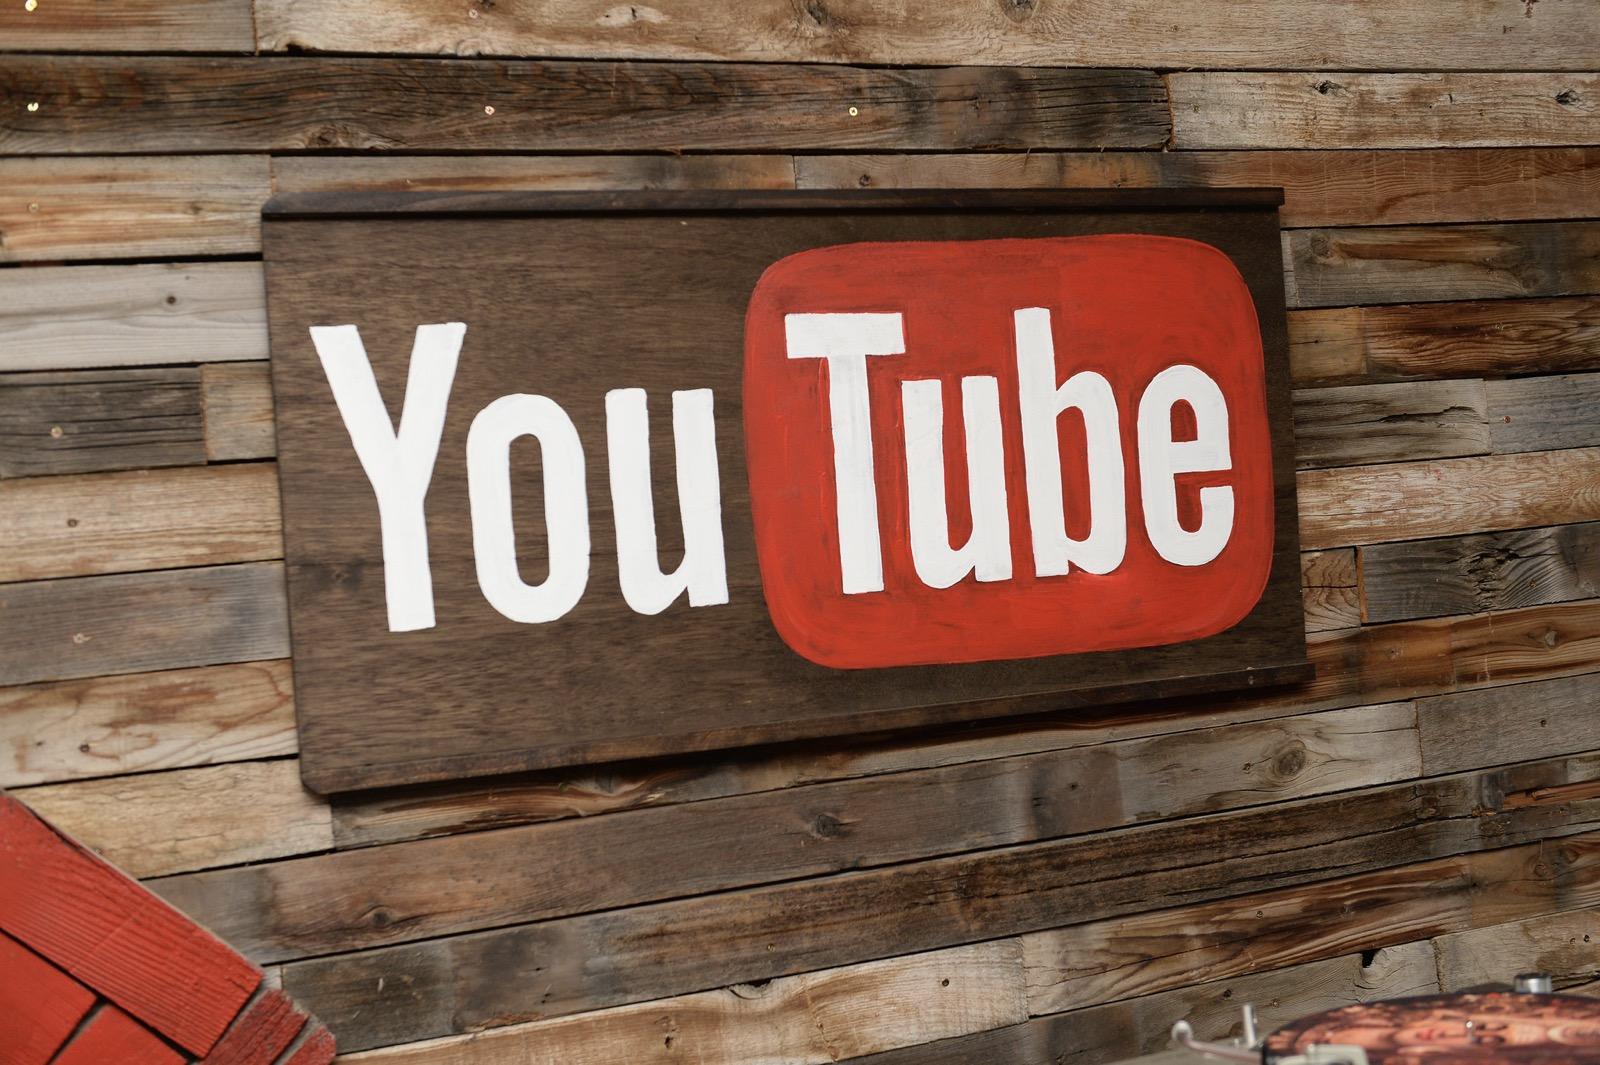 YouTube vai deixar de obrigar utilizadores a verem anúncios de 30 segundos